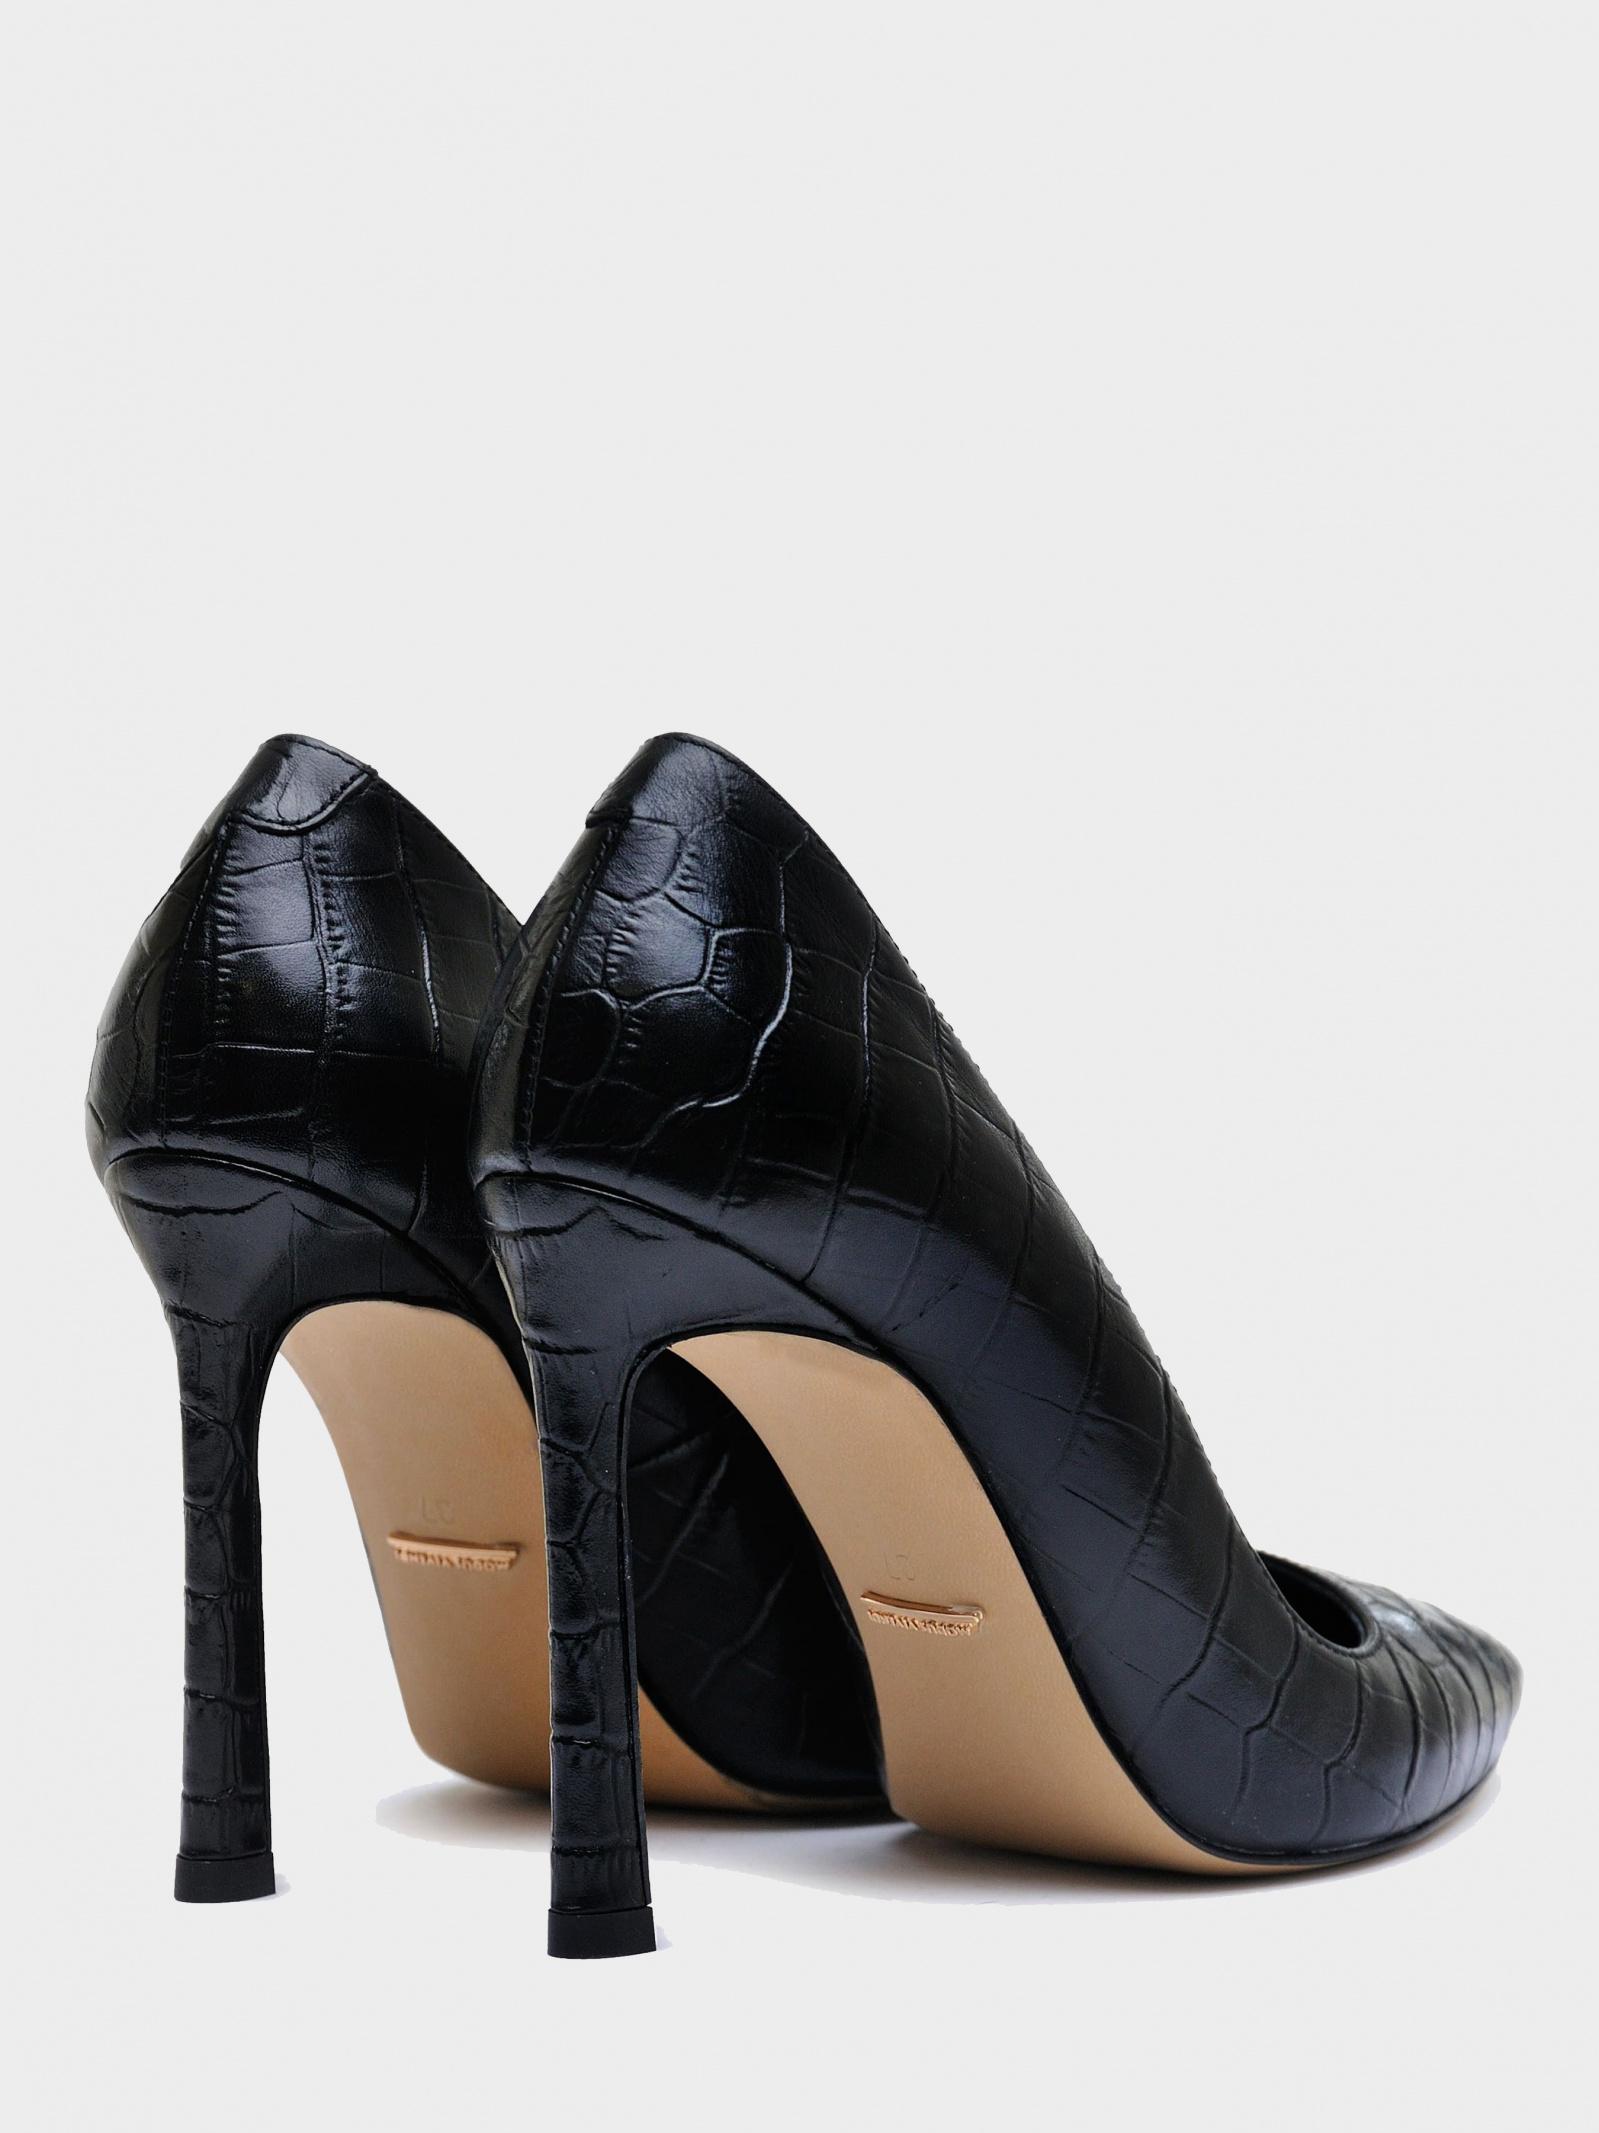 Туфлі  для жінок Modus Vivendi 158601 модне взуття, 2017